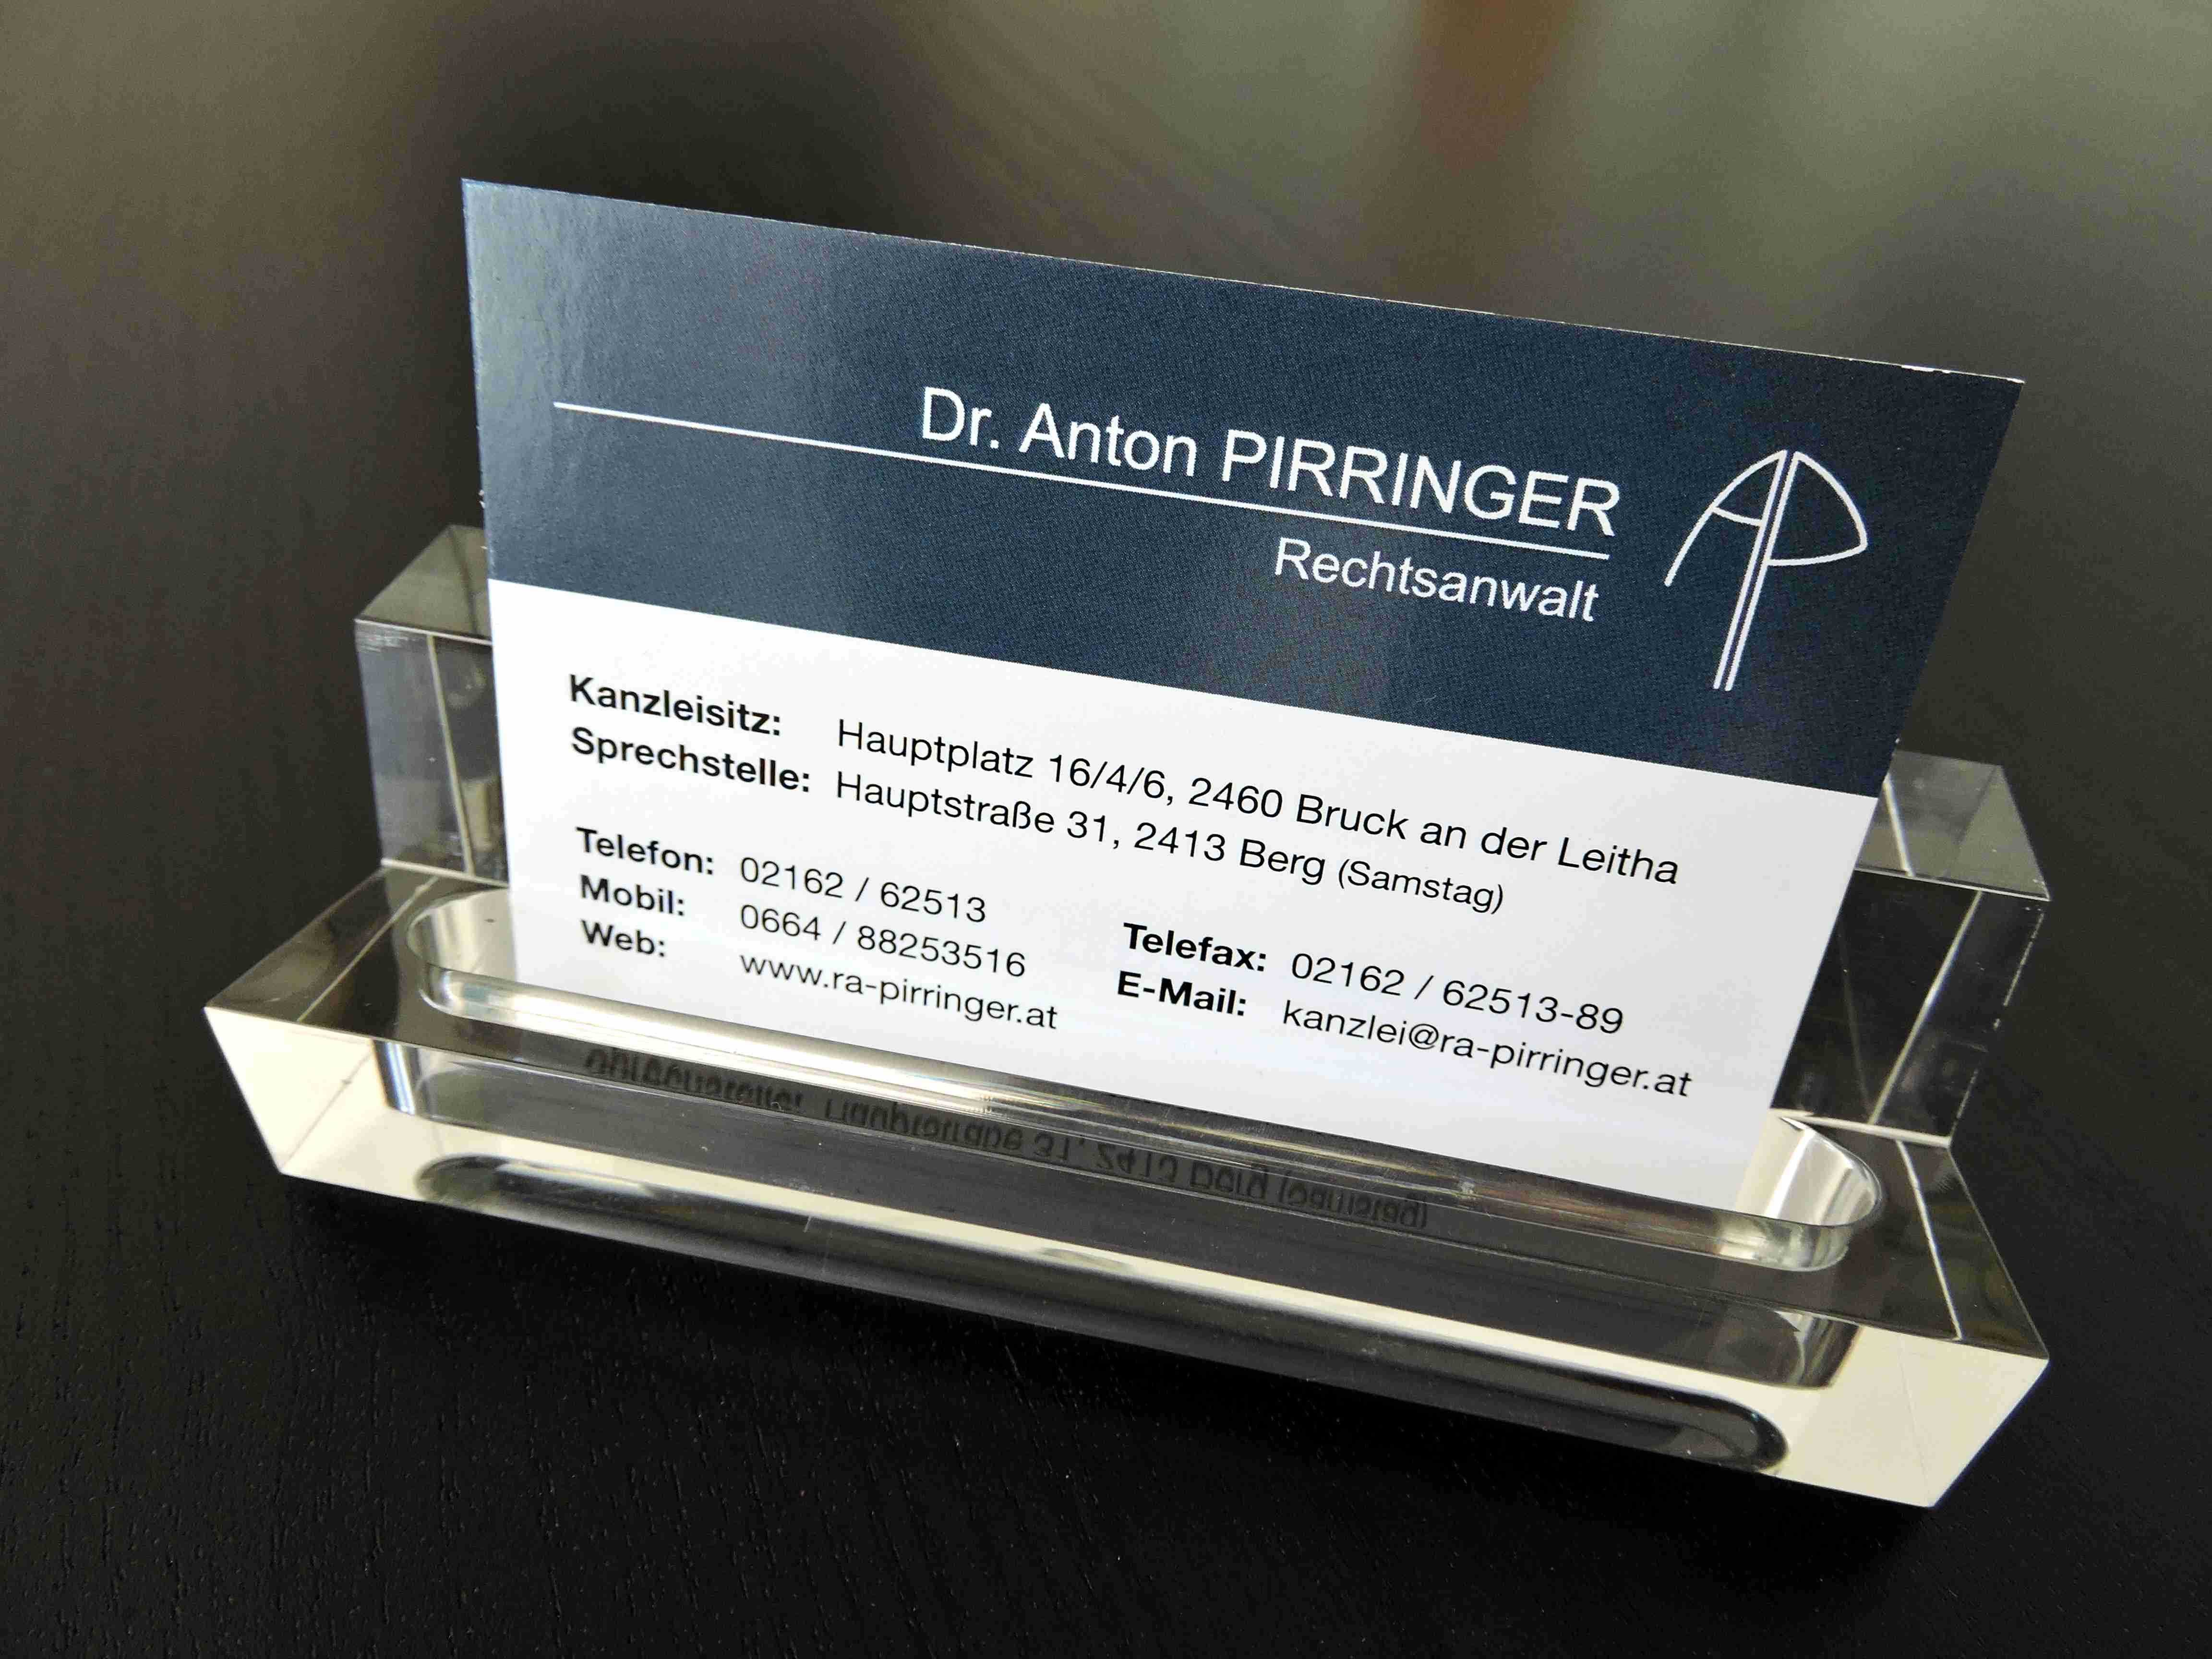 Visitenkarte Anwalt Dr. Anton Pirringer 2460 Bruck an der Leitha 2413 Berg Rechtsanwalt